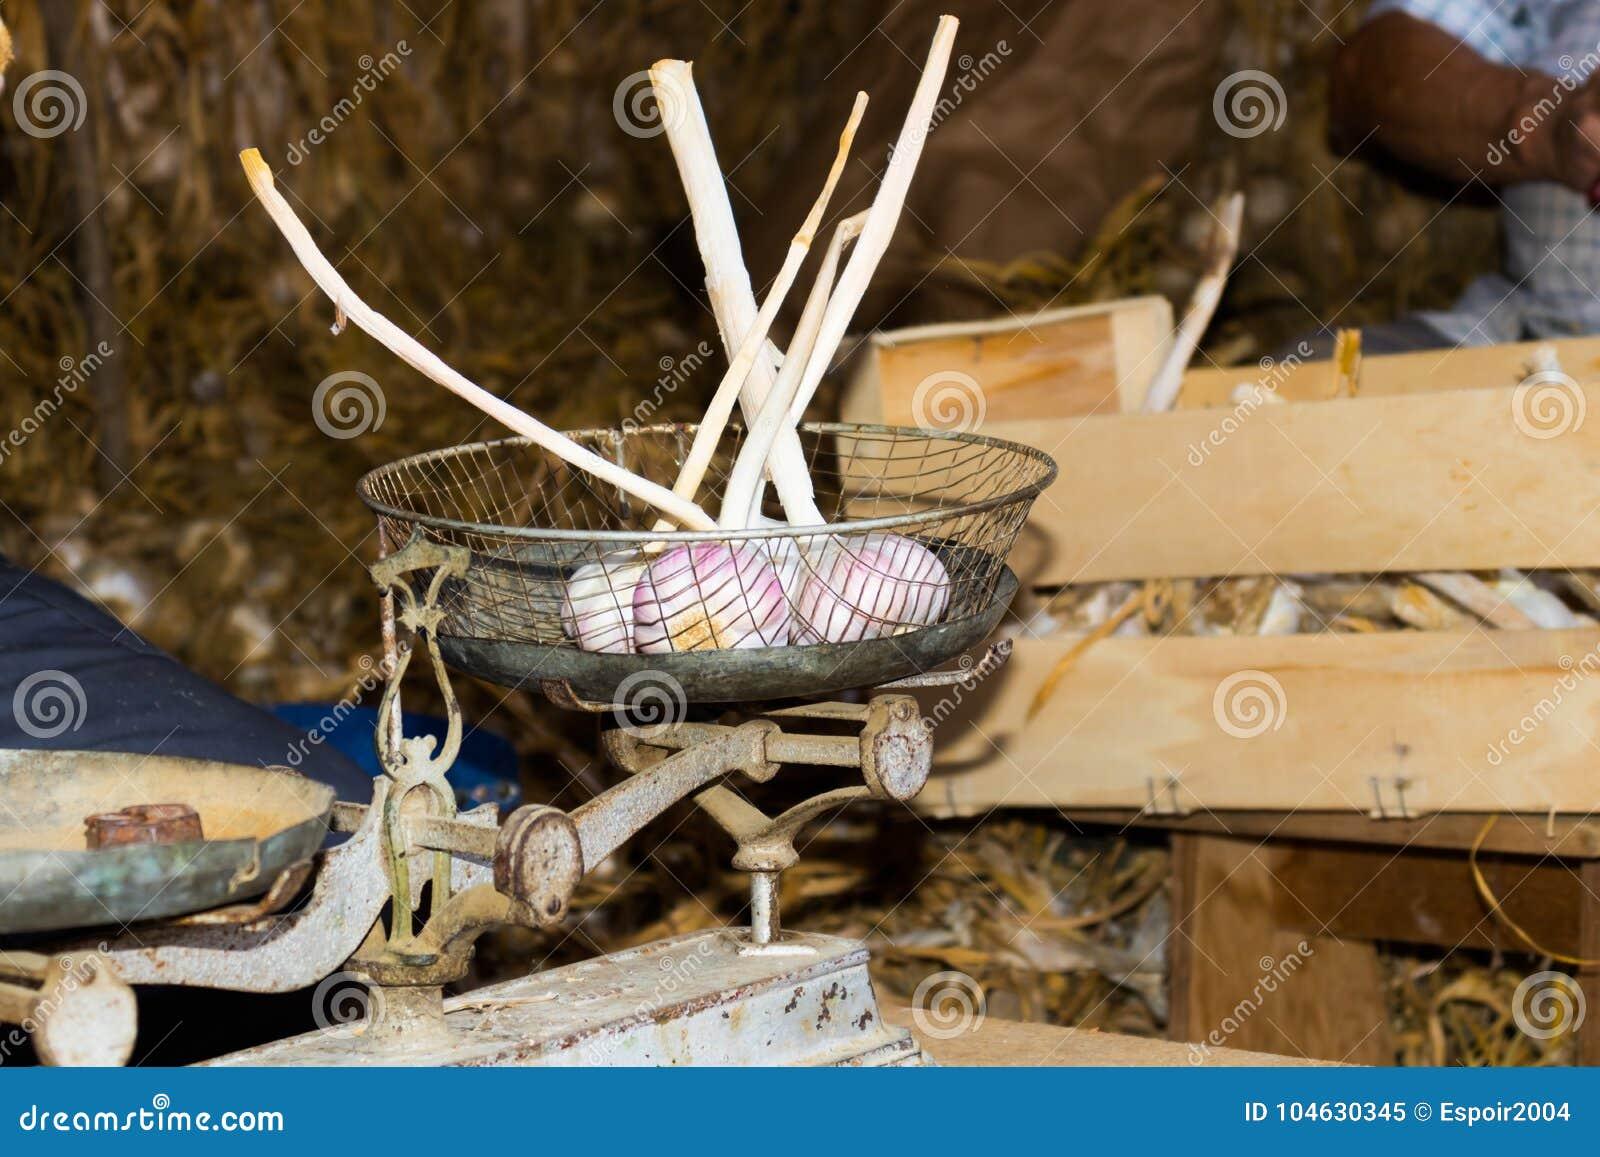 Download Weeg Knoflook In Oude Uitstekende Schalen Stock Afbeelding - Afbeelding bestaande uit aromatisch, naughty: 104630345